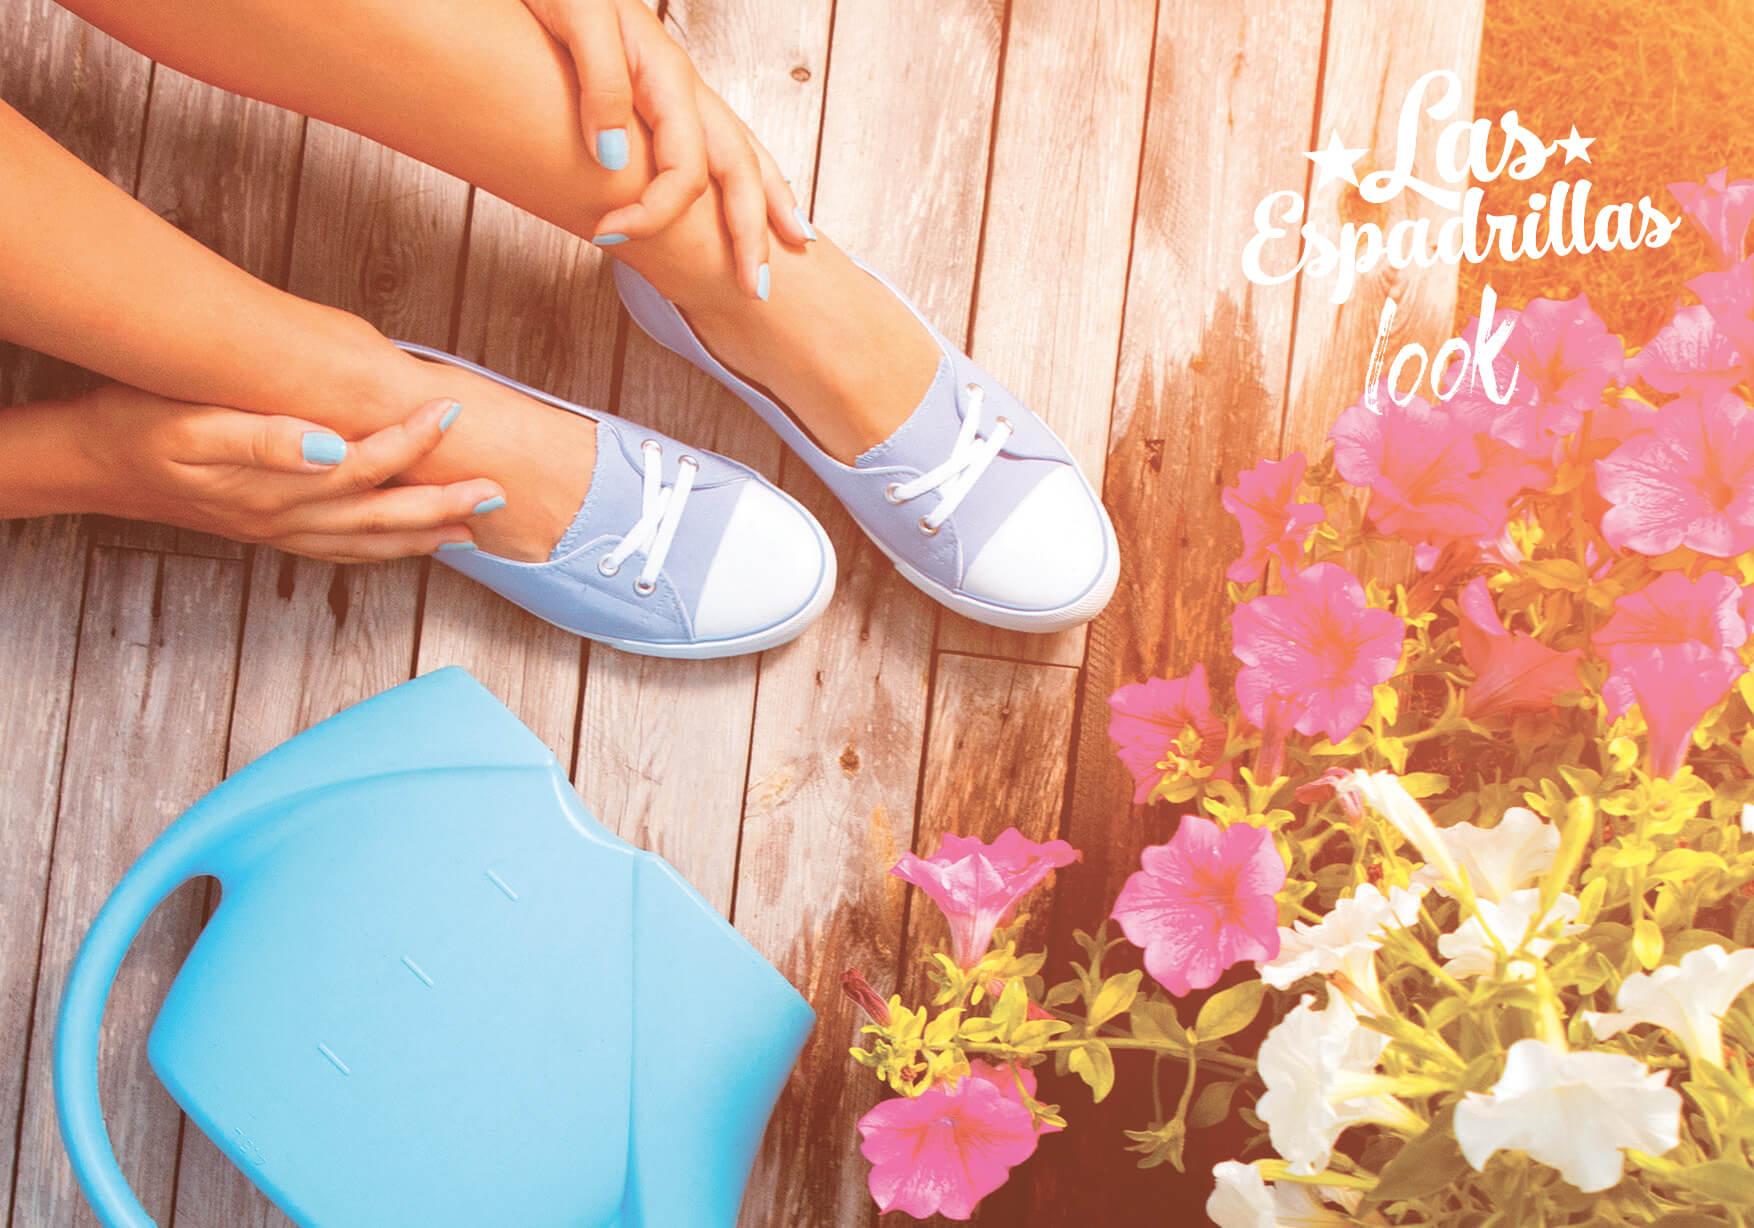 Удобная обувь весна лето 2017 женская